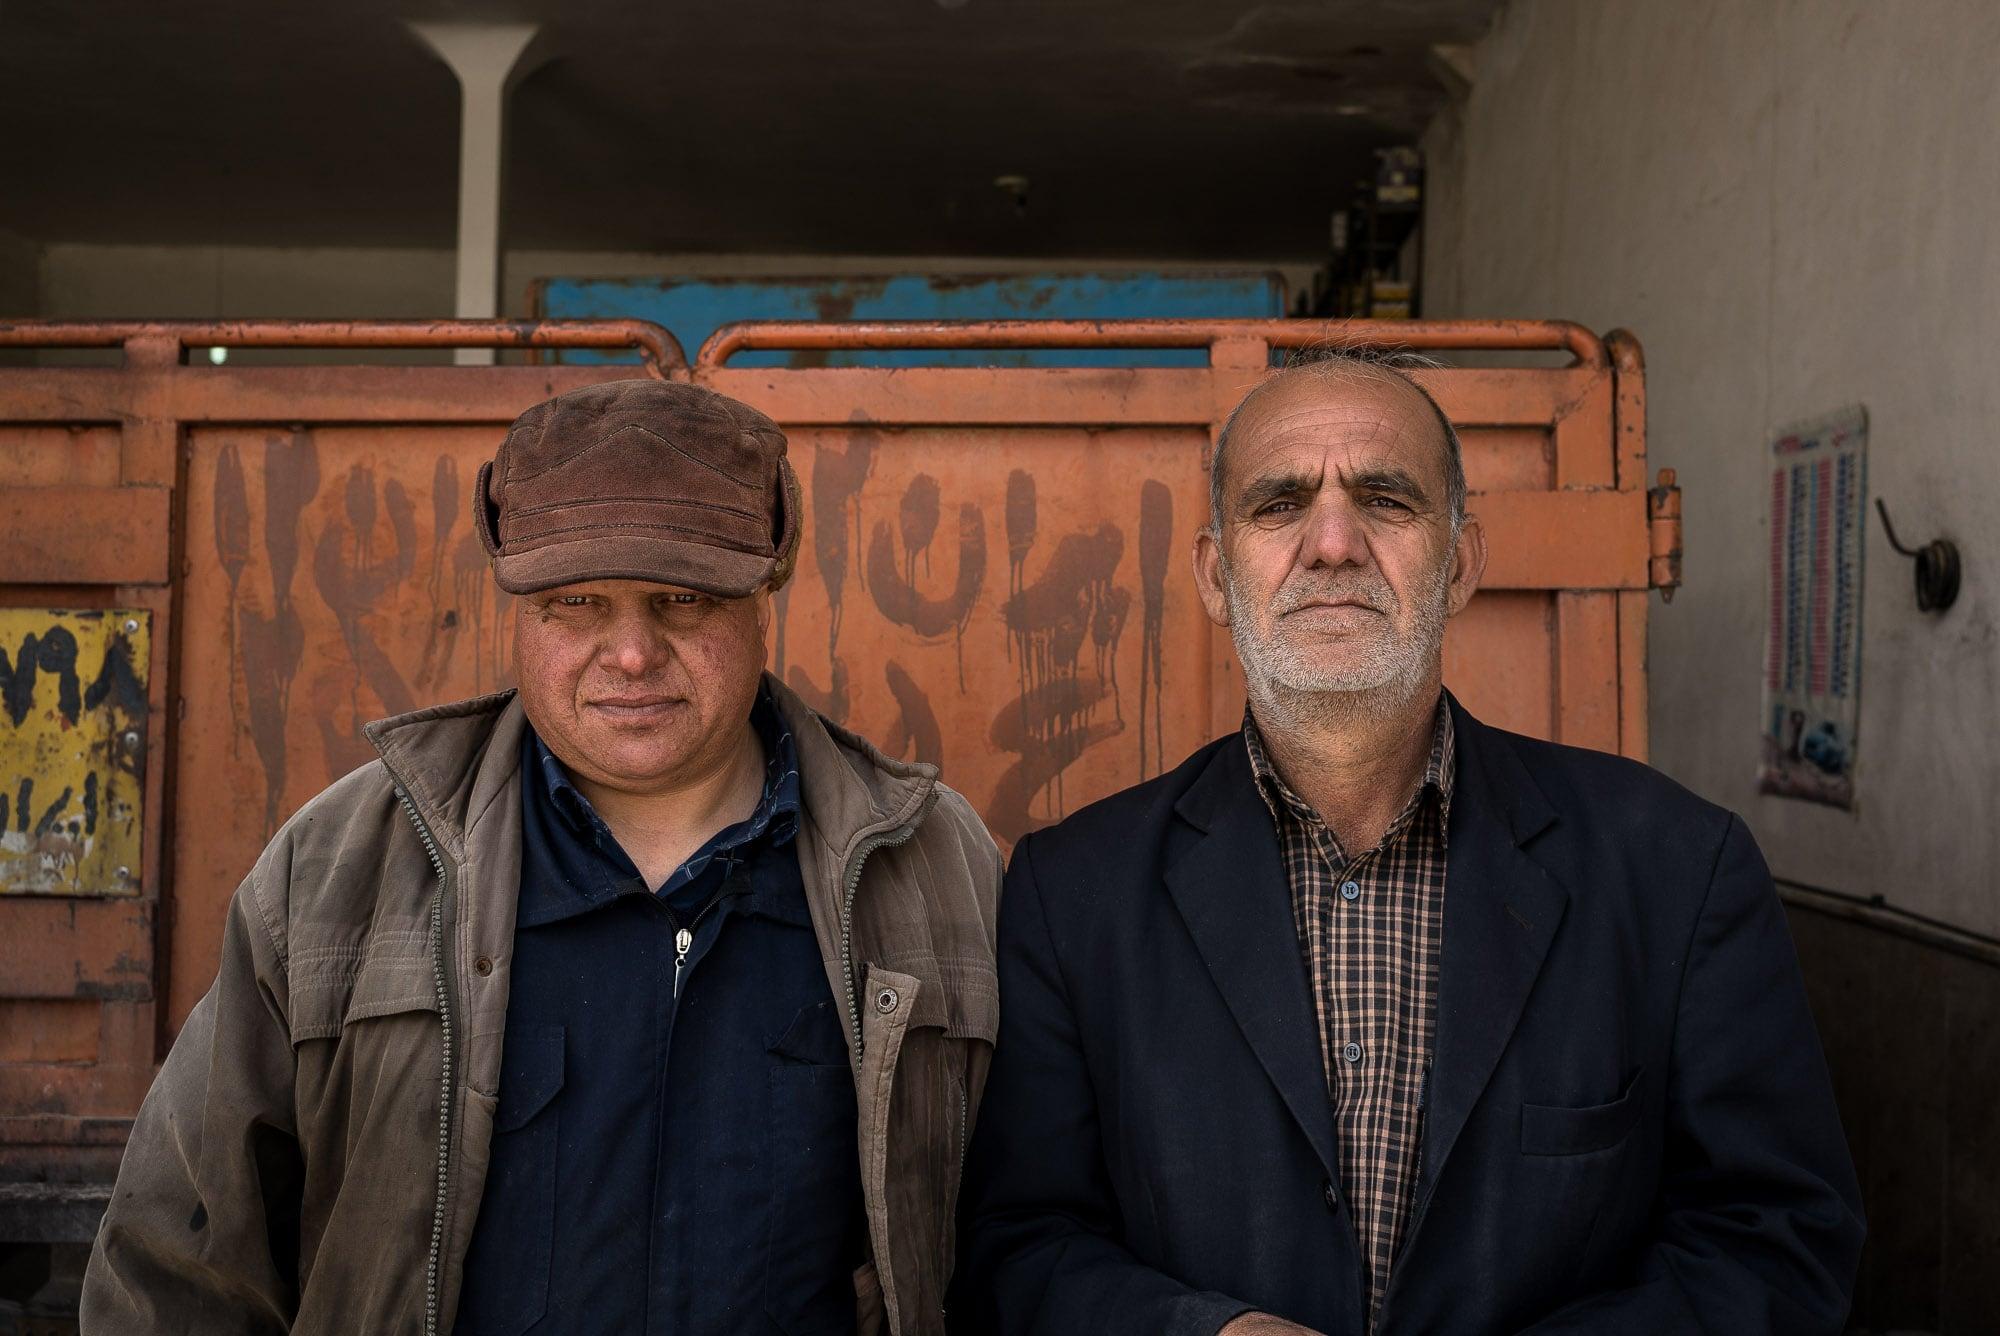 Ali and Mahmud